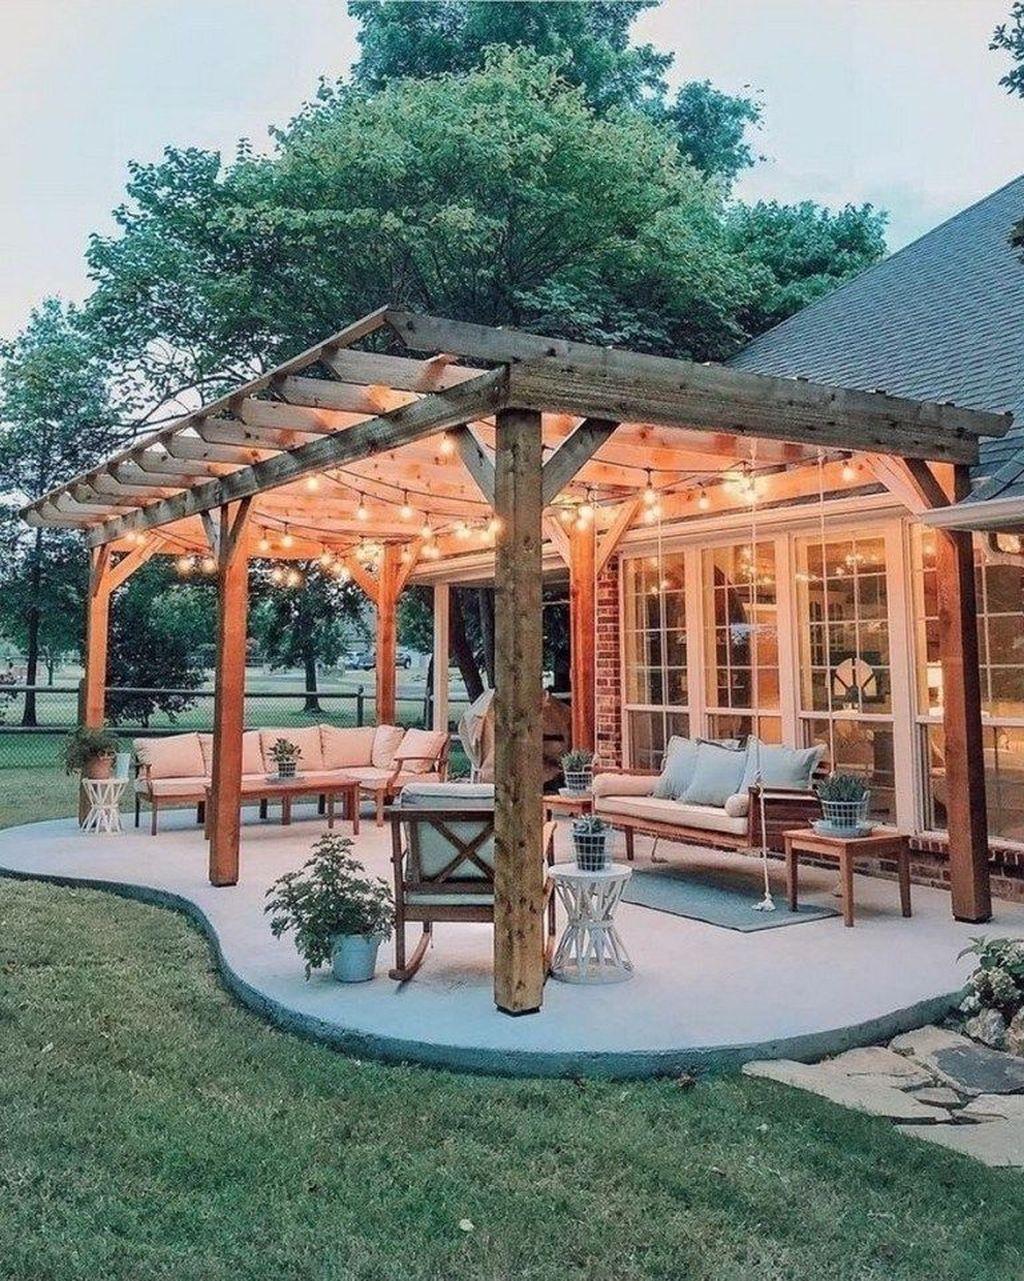 Inspiring Pergola Patio Design Ideas For Your Backyard Decor 27